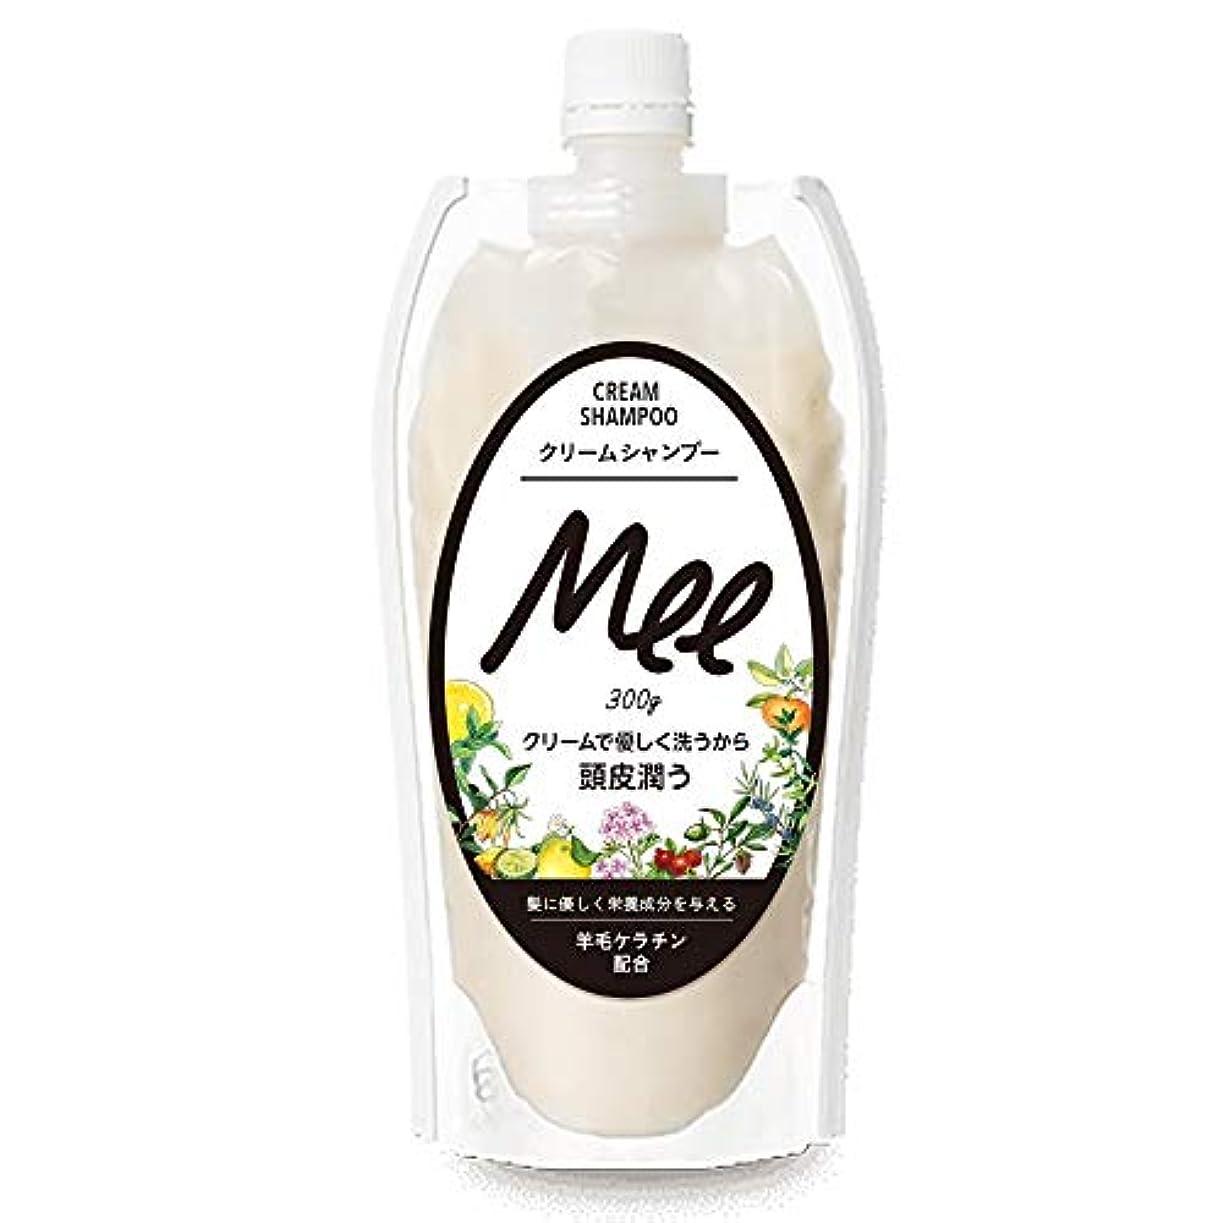 ギャンブル漫画ライバル洗えるヘアトリートメント Mee 300g クリームシャンプー 皮脂 乾燥肌 ダメージケア 大容量 時短